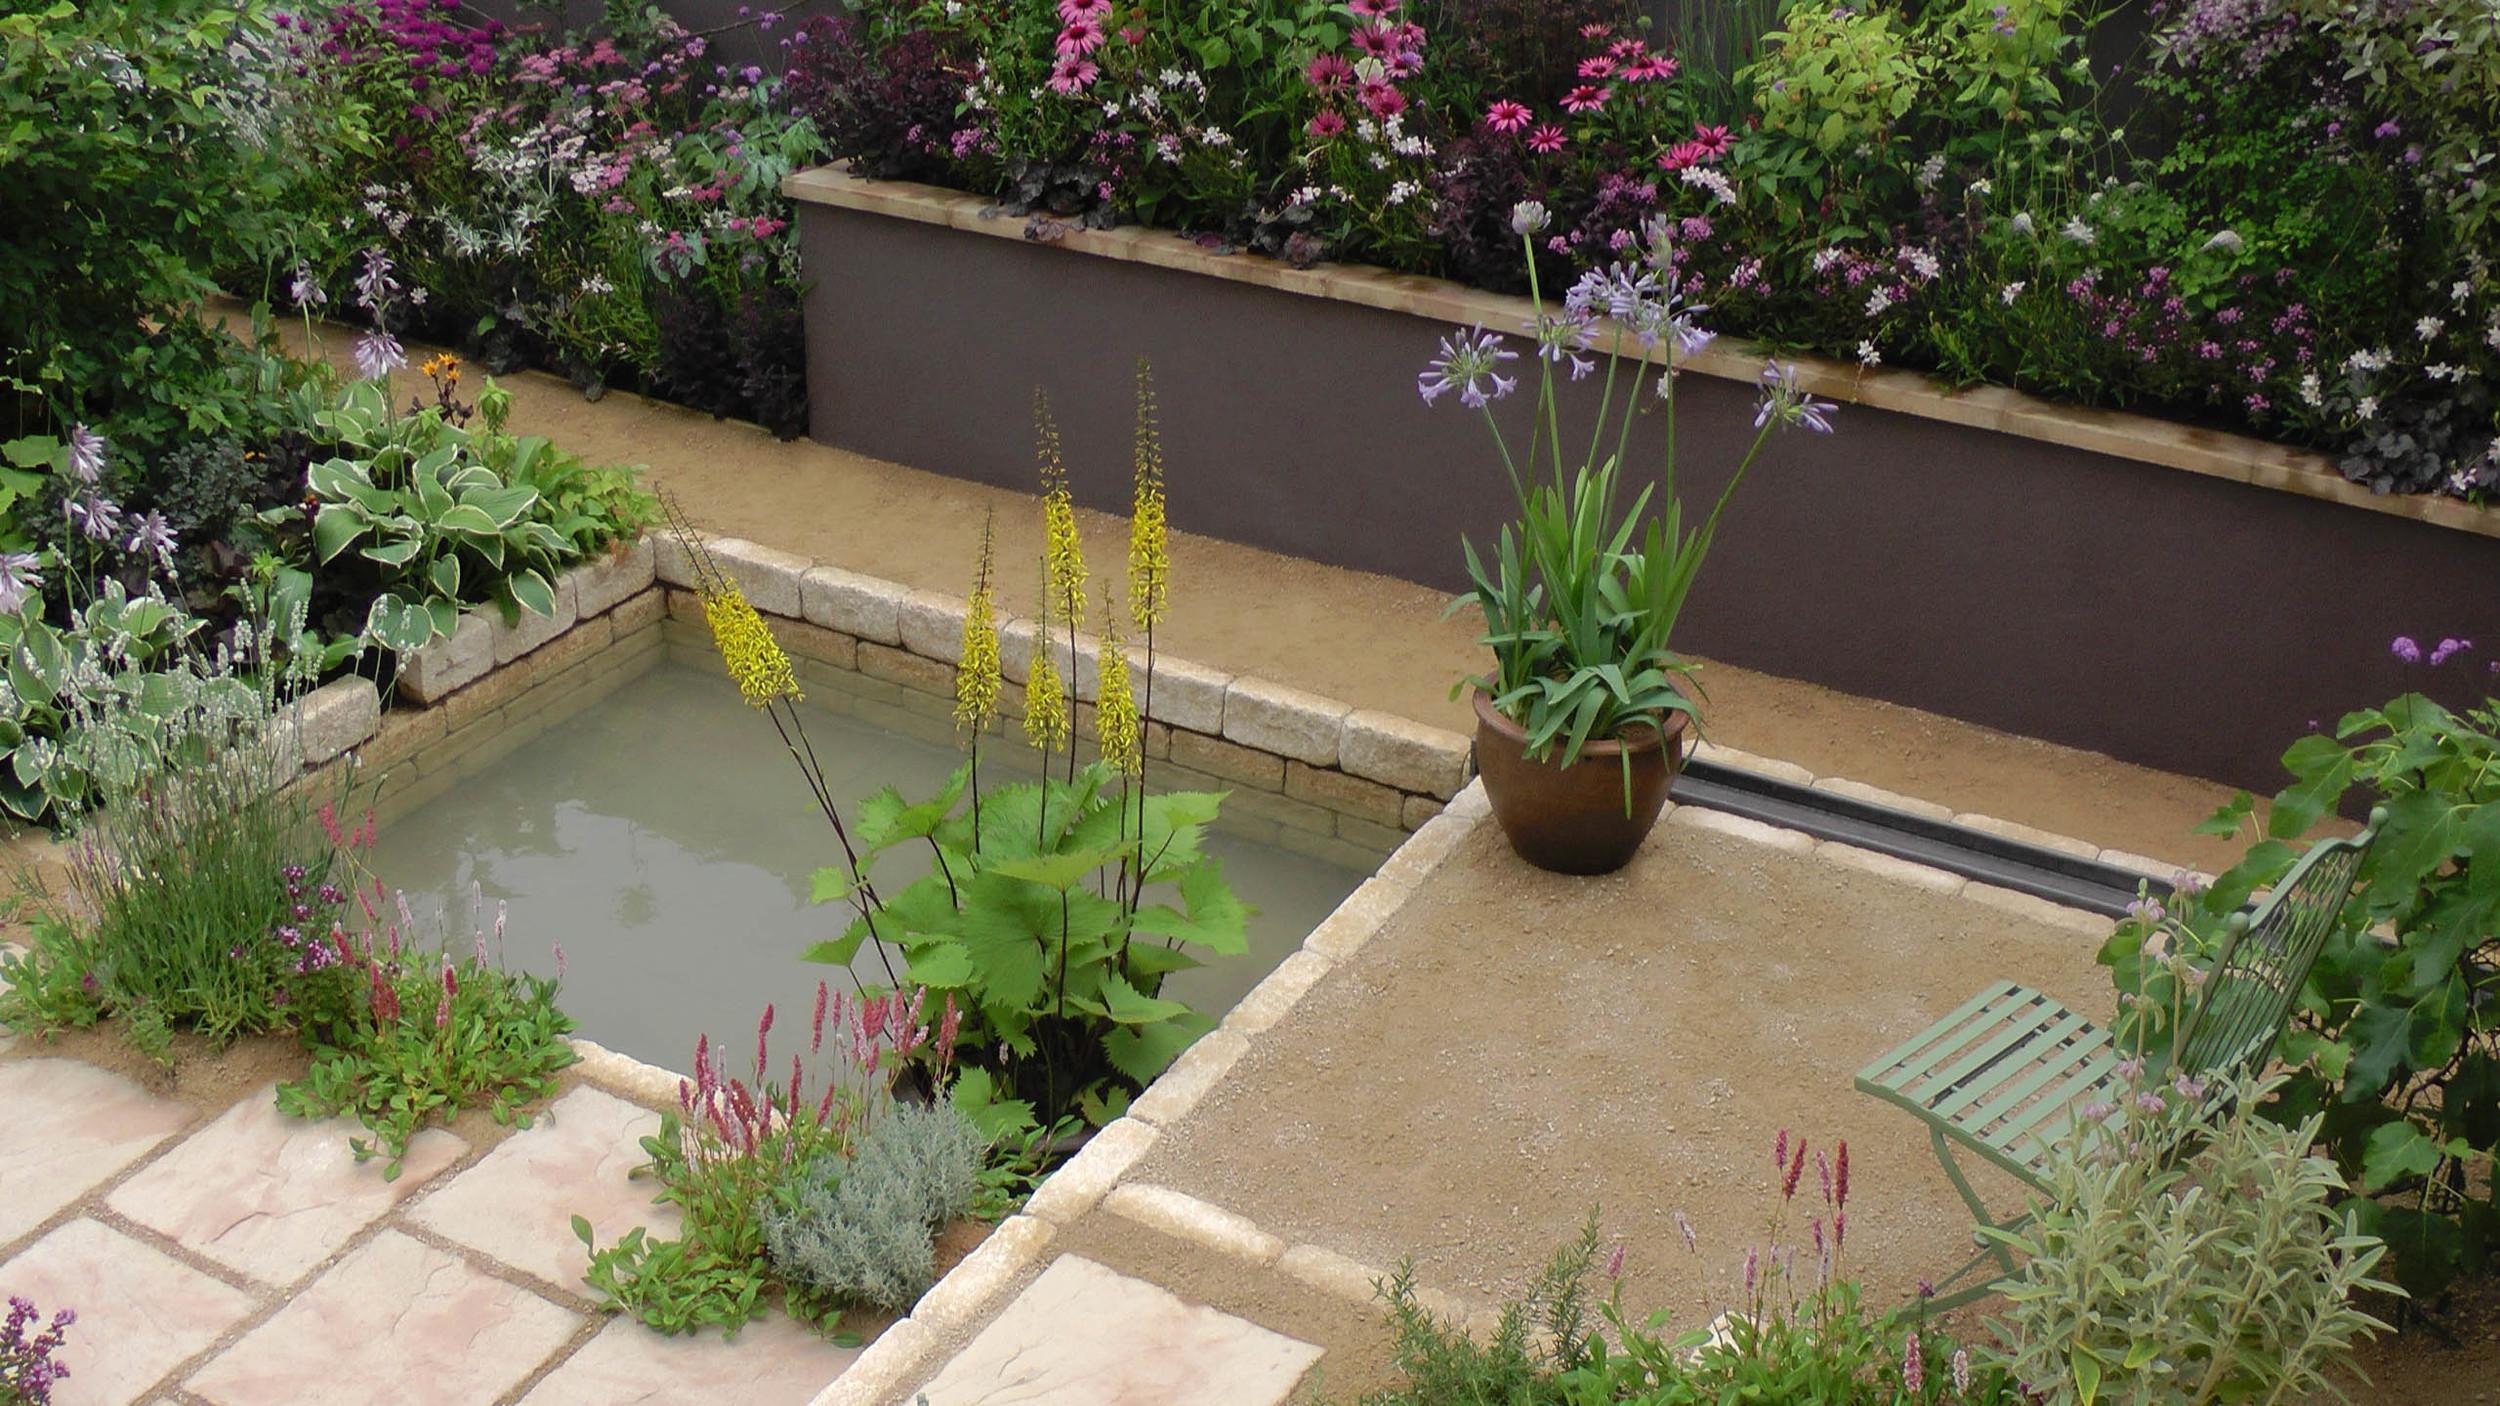 Cheshire Garden Design: RHS Tatton Flower Show 'Precious Resources Garden'